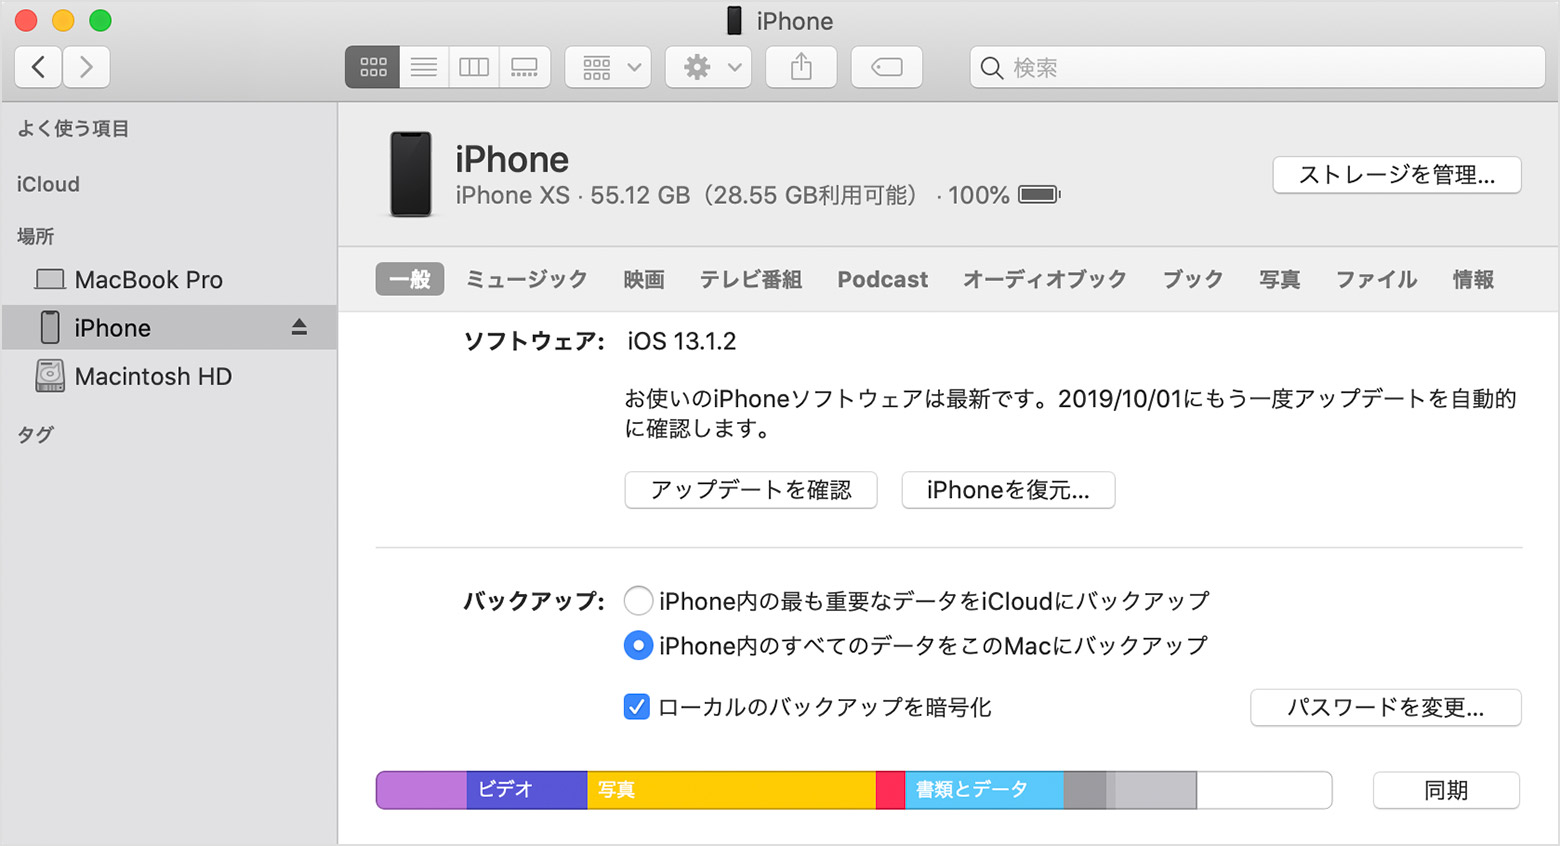 Iphone Ipad Ipod Touch のバックアップの暗号化について Apple